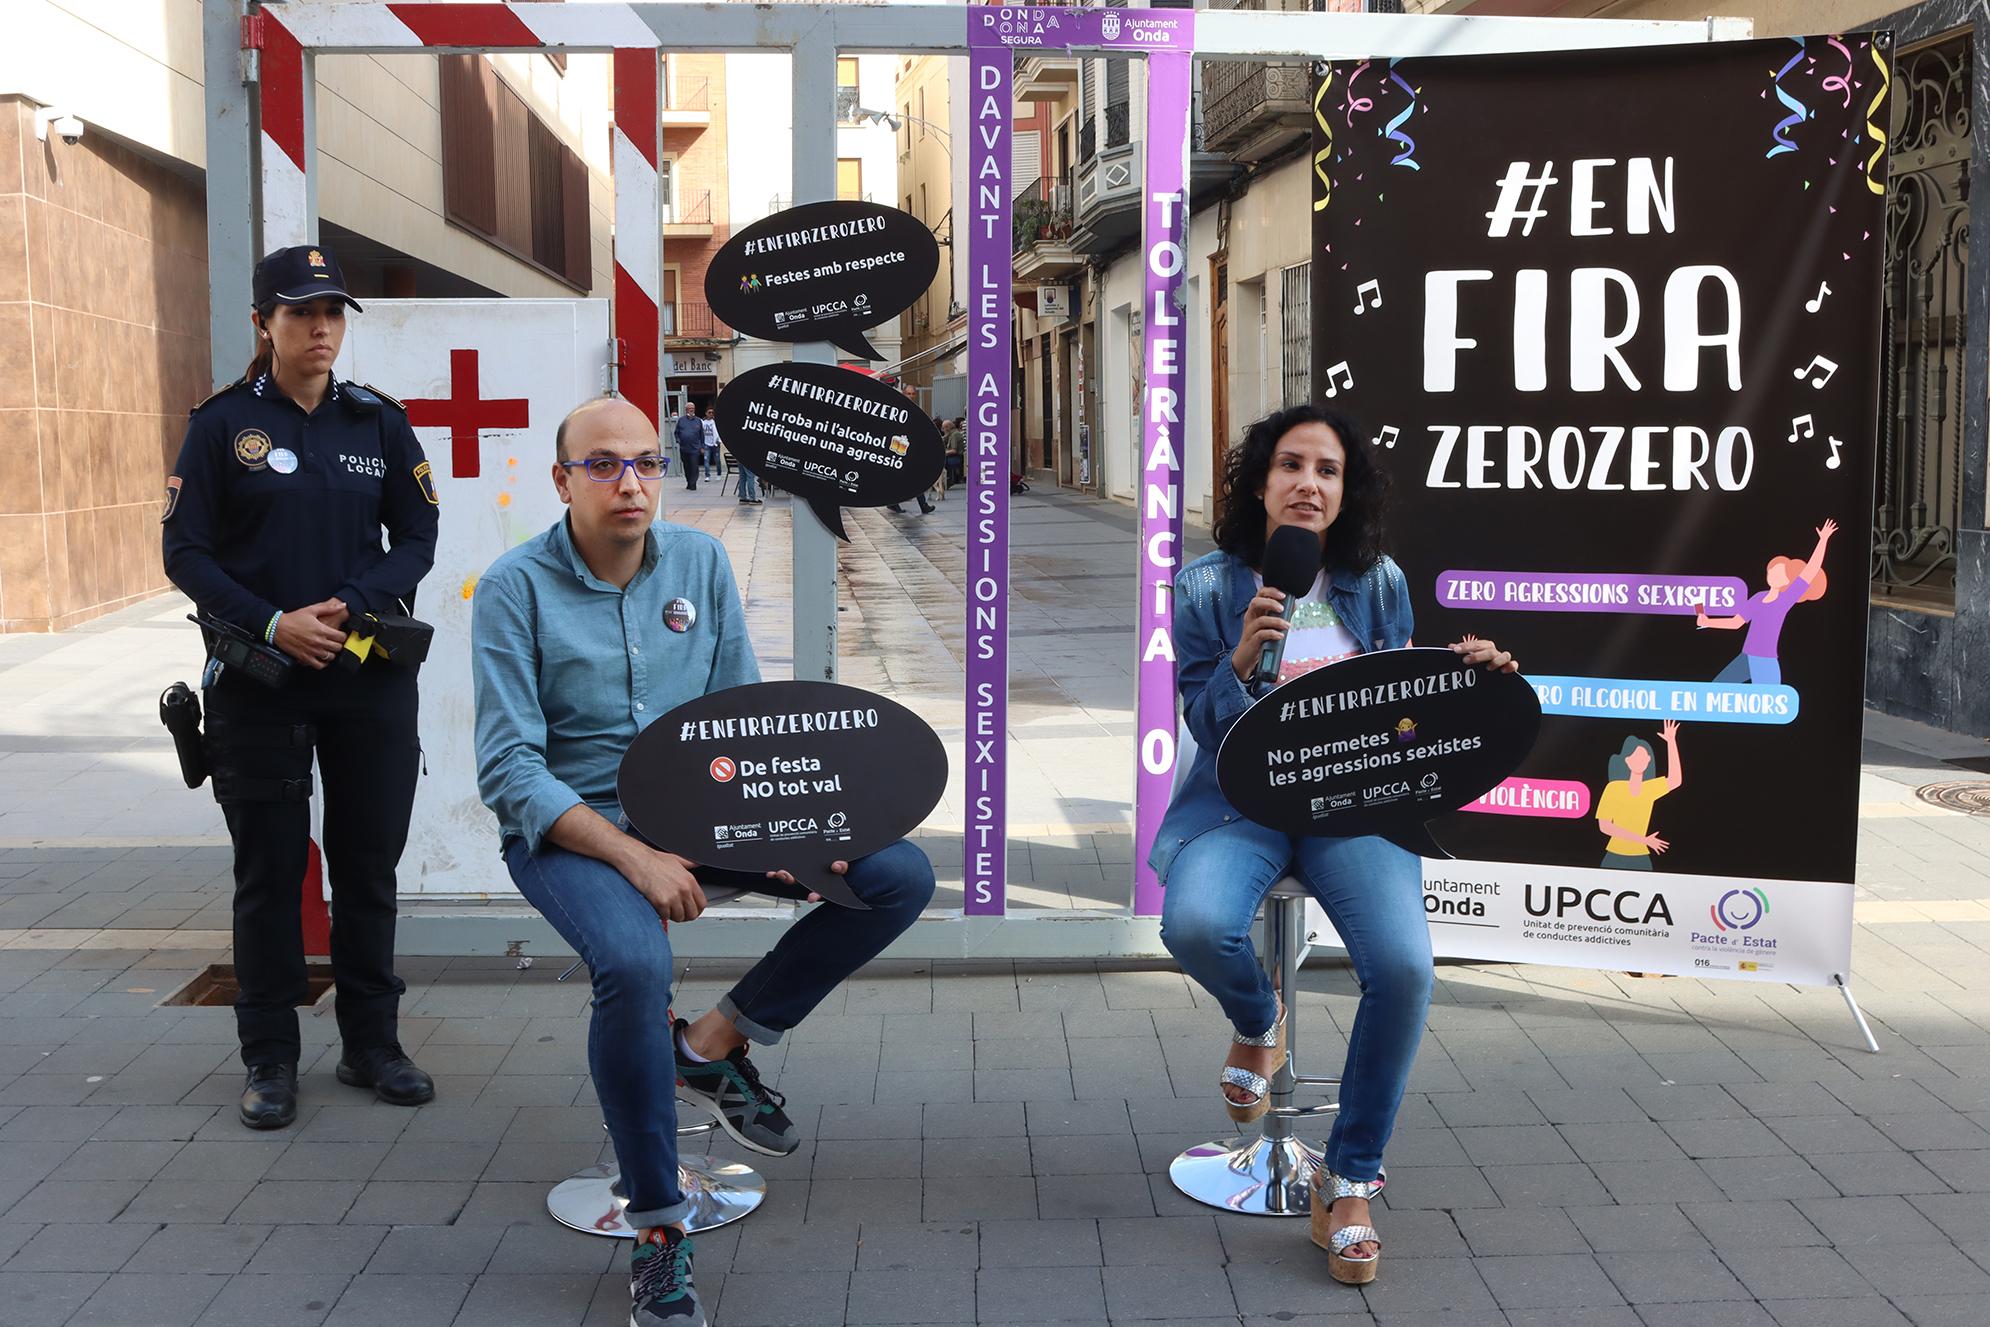 Onda presenta la campaña #EnFiraZeroZero para concienciar sobre la violencia de género y el consumo responsable